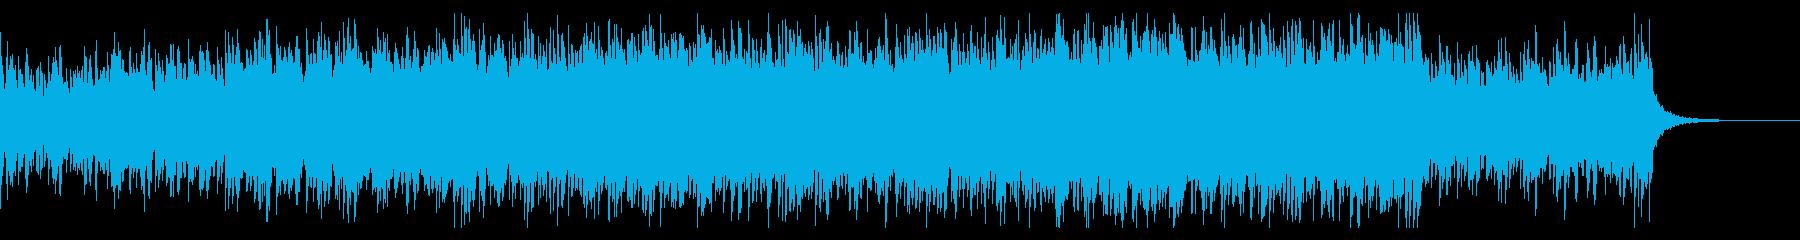 アコギとシンセのダークで悲しい曲の再生済みの波形